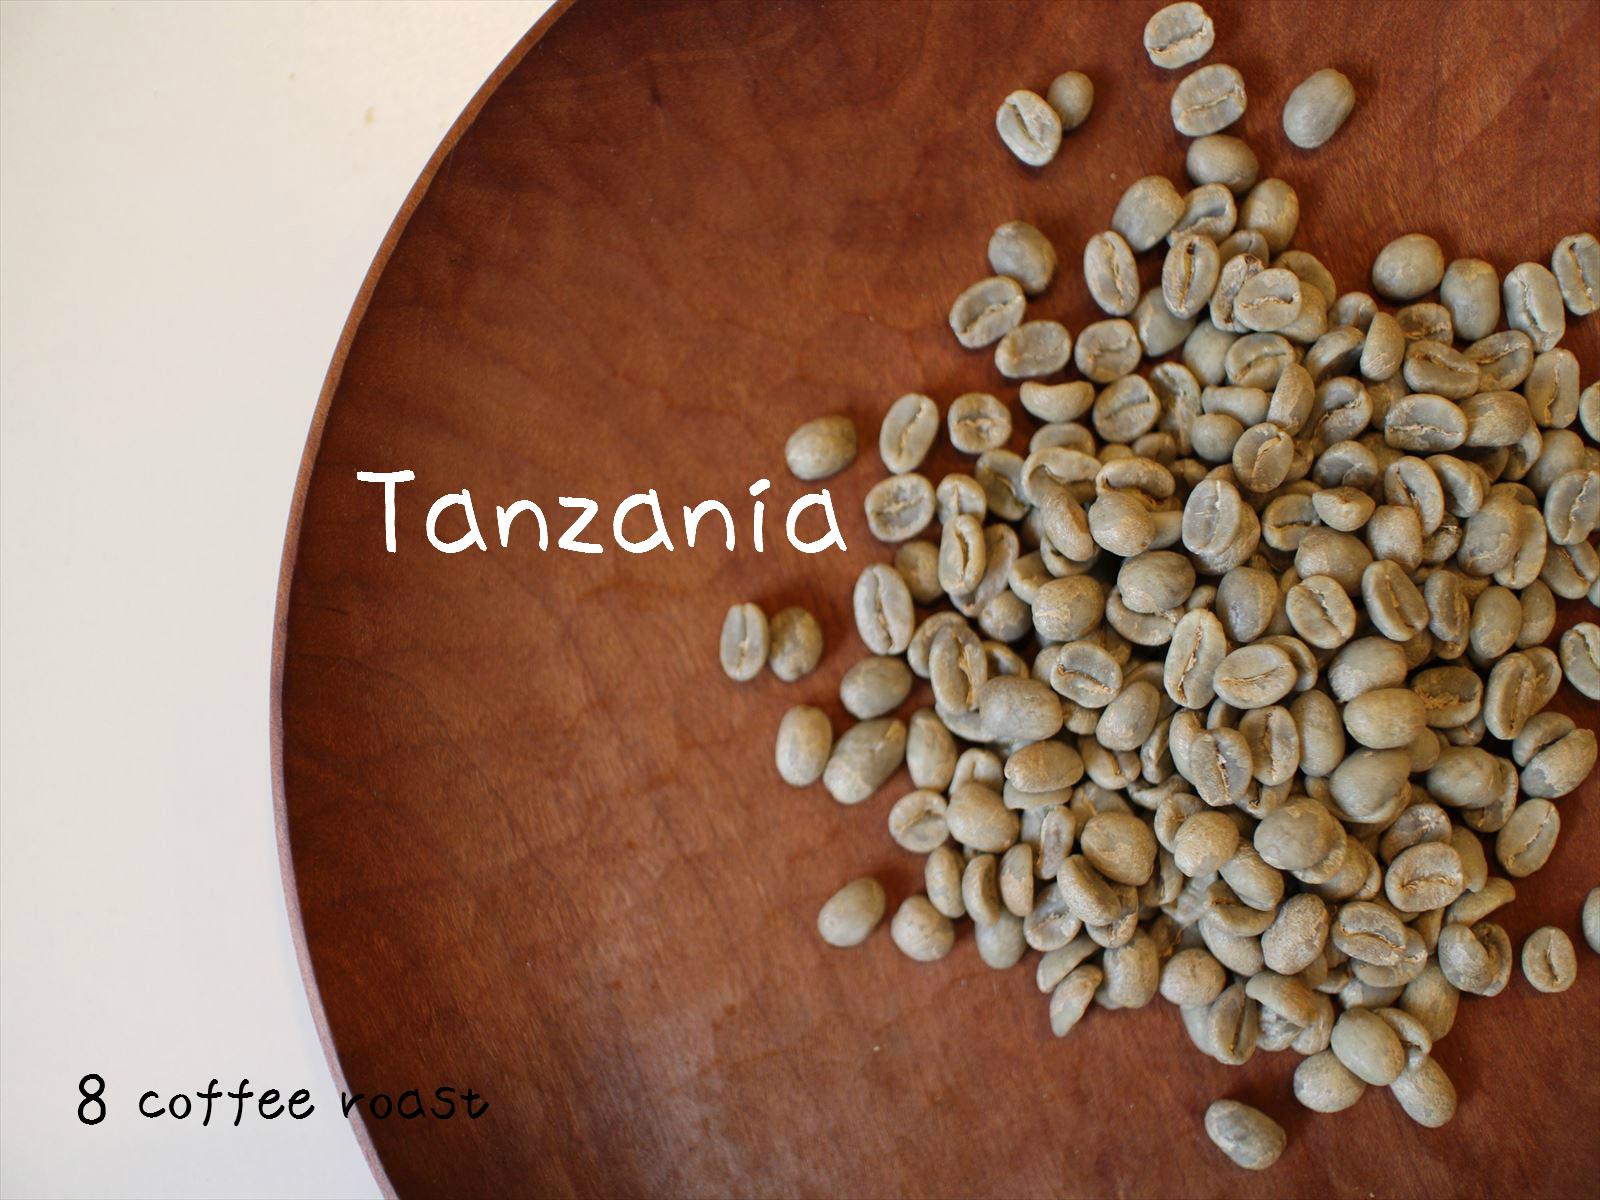 コーヒー生豆 超人気 専門店 結婚祝い タンザニア AA 50g 内容量